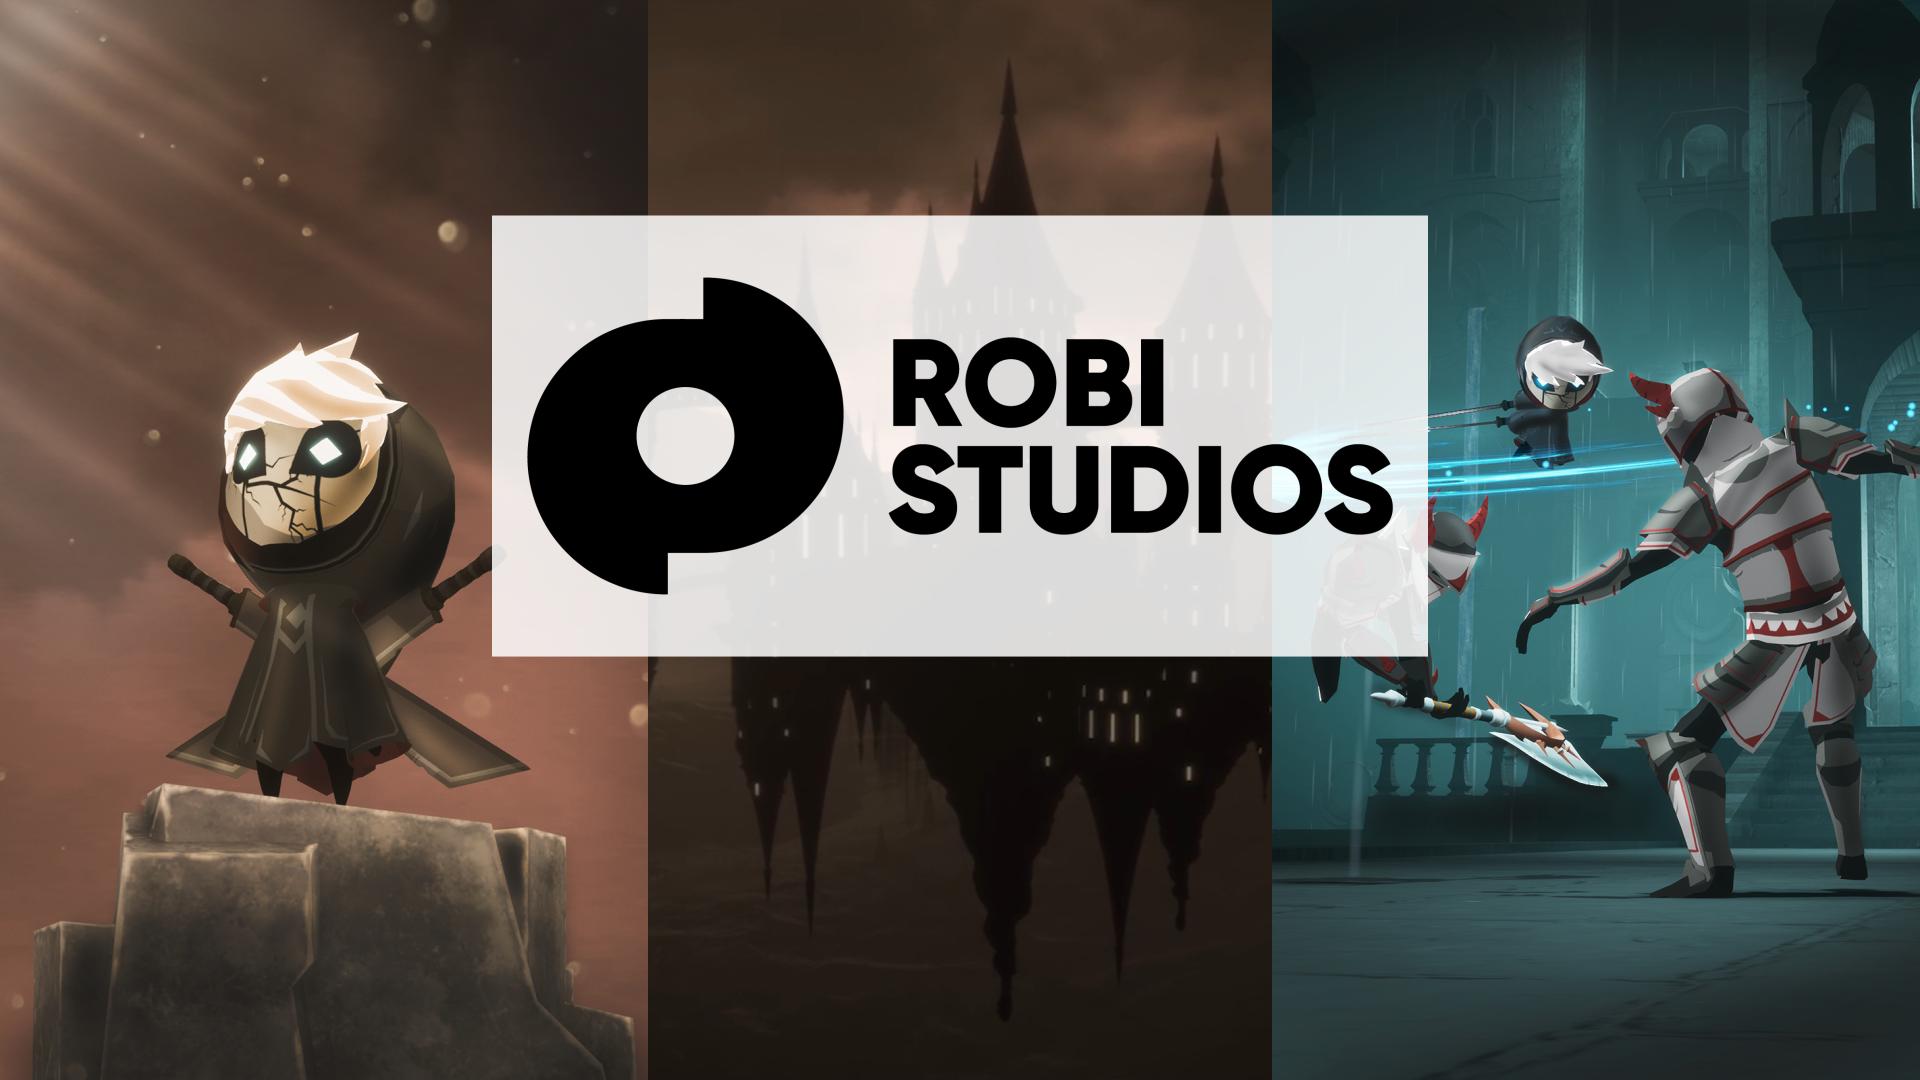 Jogos: Conversa com Robi Studios, de Blue Fire: da Argentina para o mundo dos games